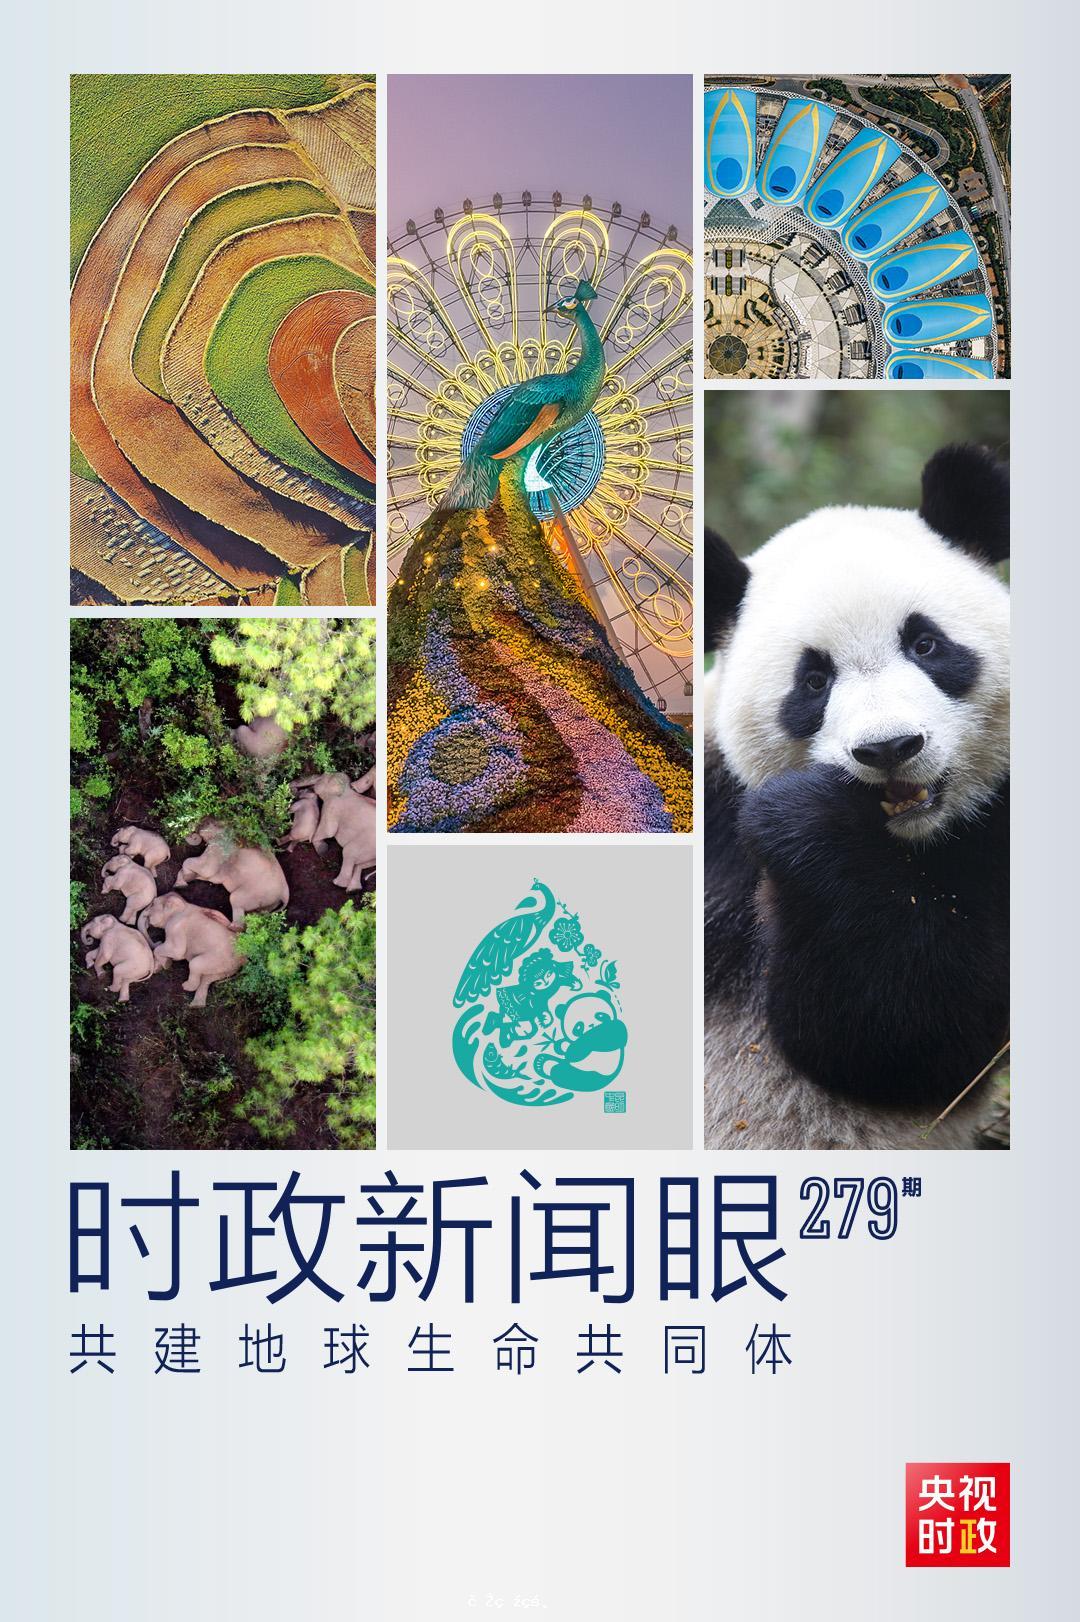 在這場領導人峰會上,習近平闡述生物多樣性保護的中國主張